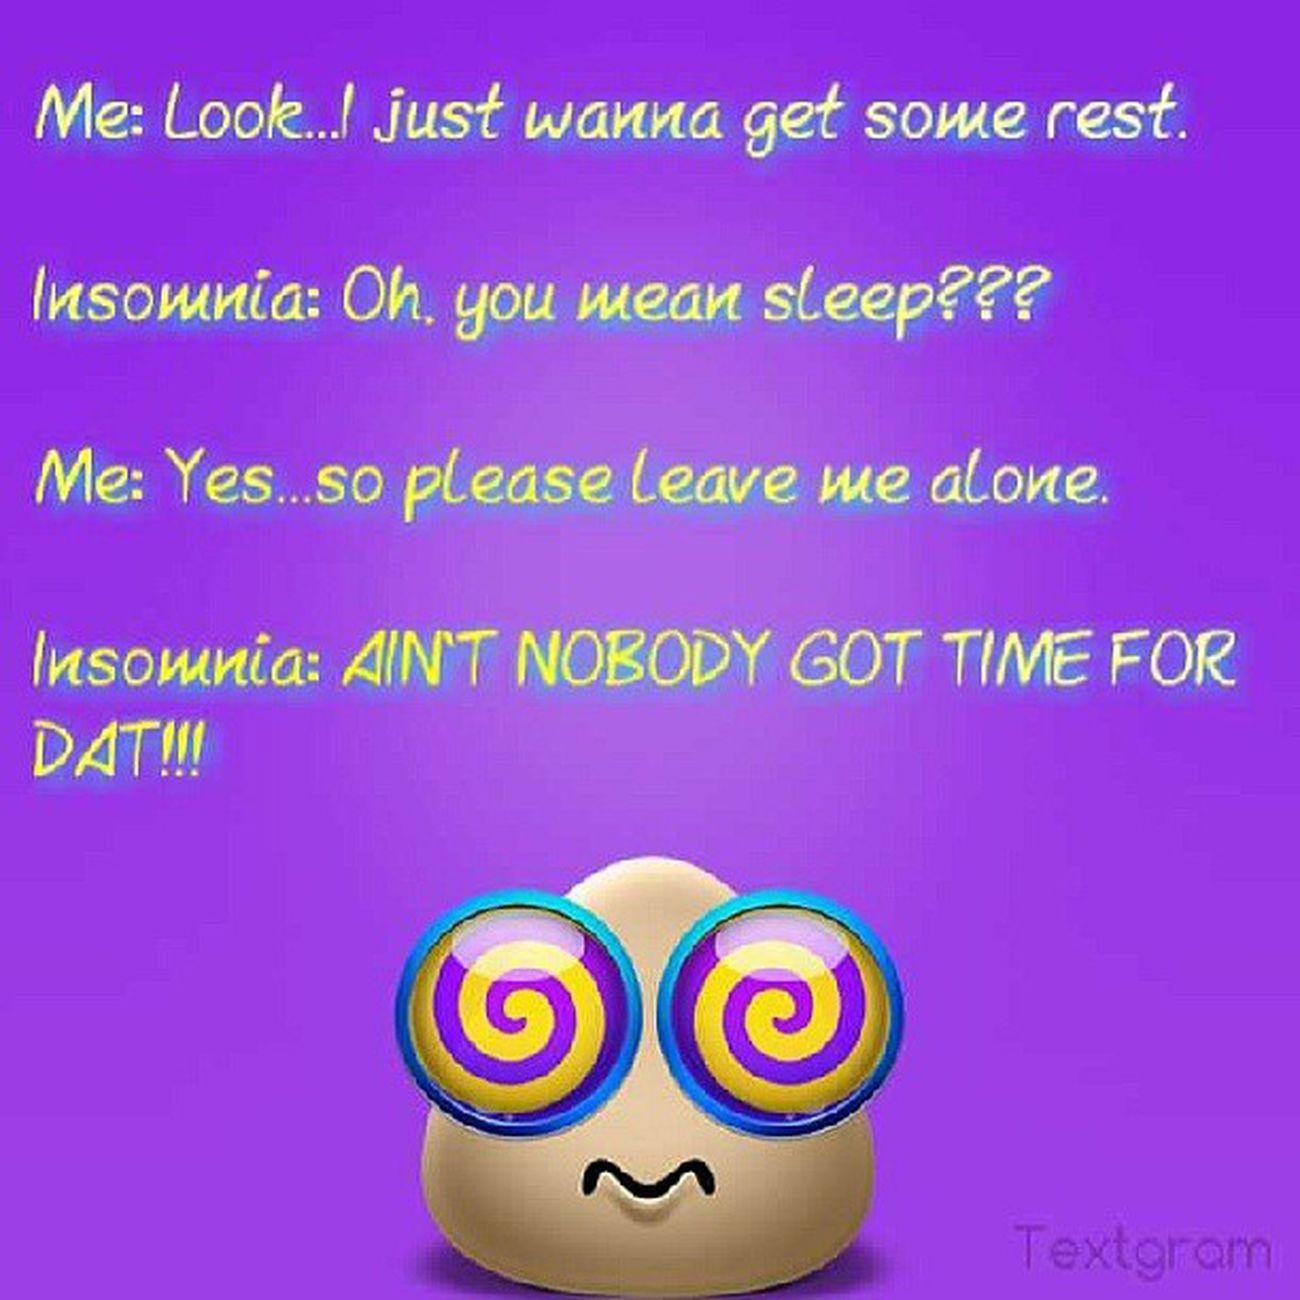 *SIGH* Insomnia Icantsleep  CannotSleep